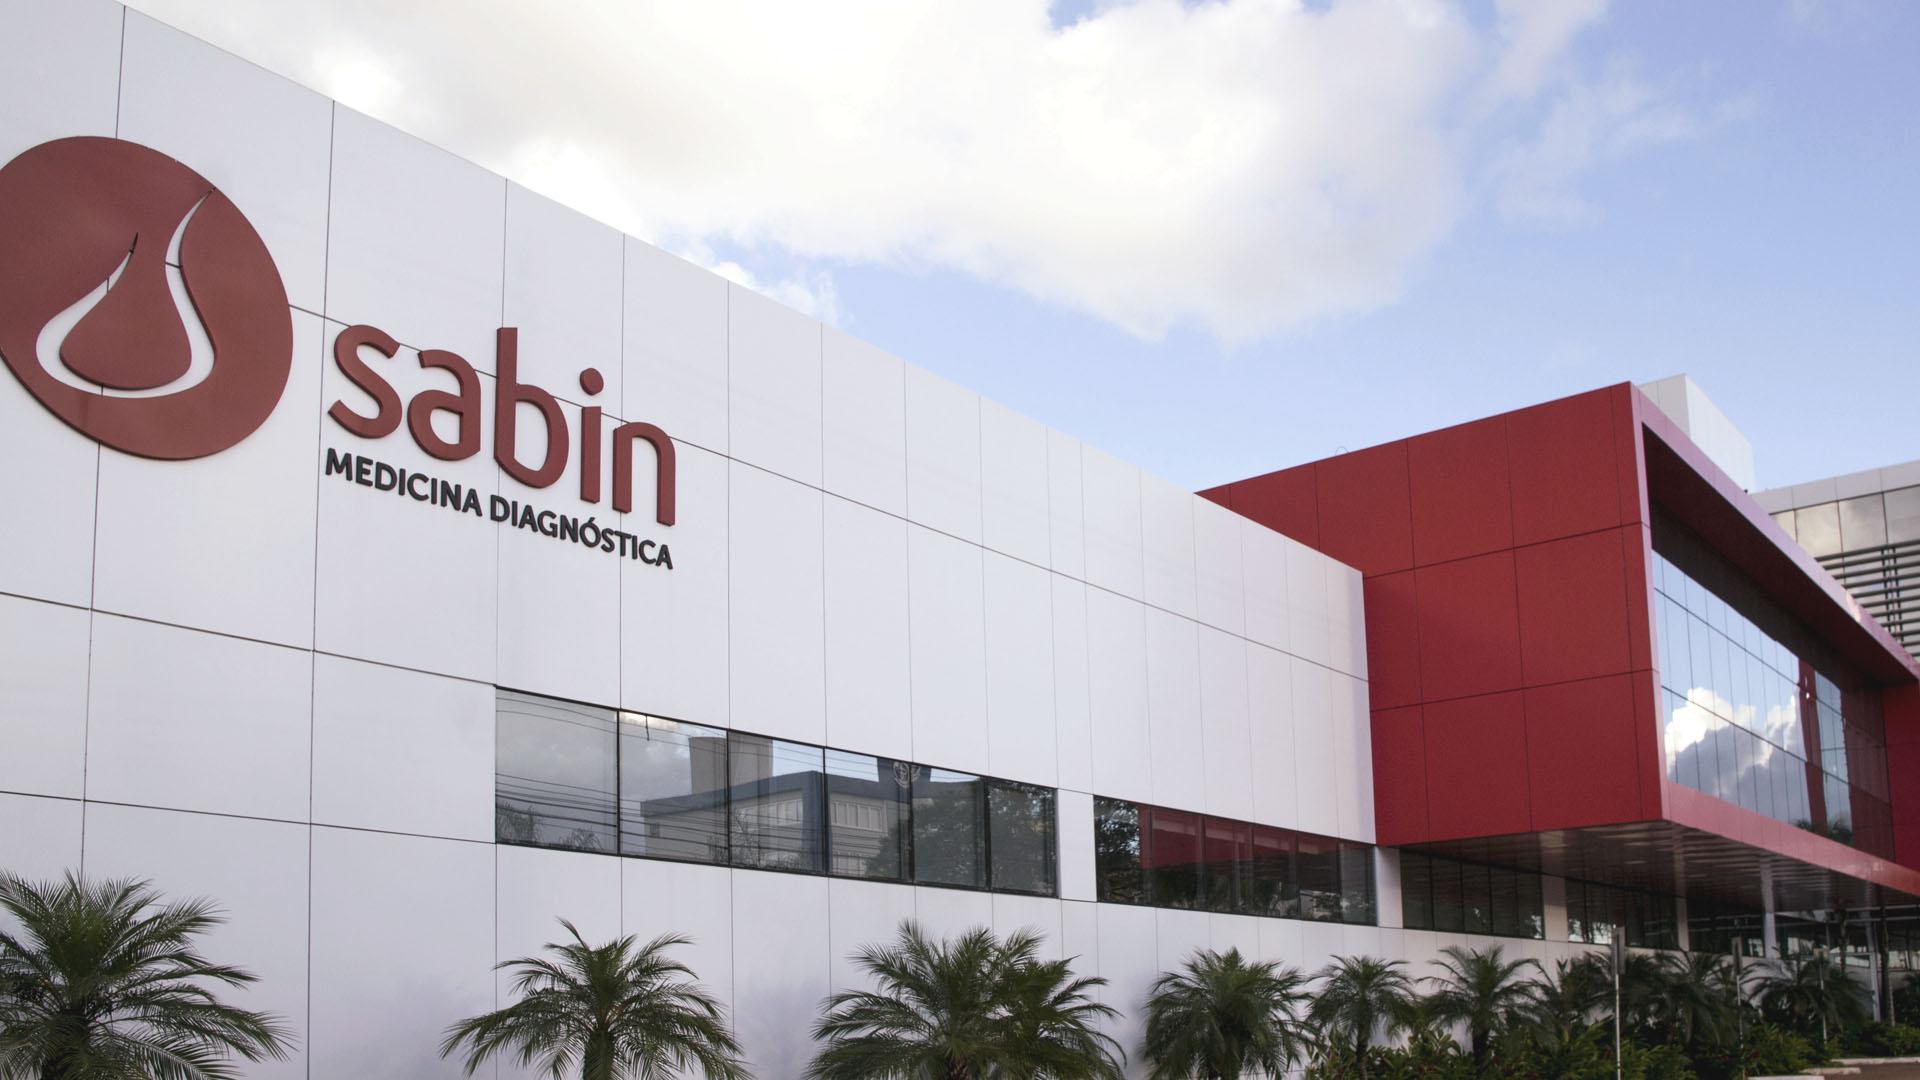 Laboratório Sabin: o desafio de implementar a governança corporativa